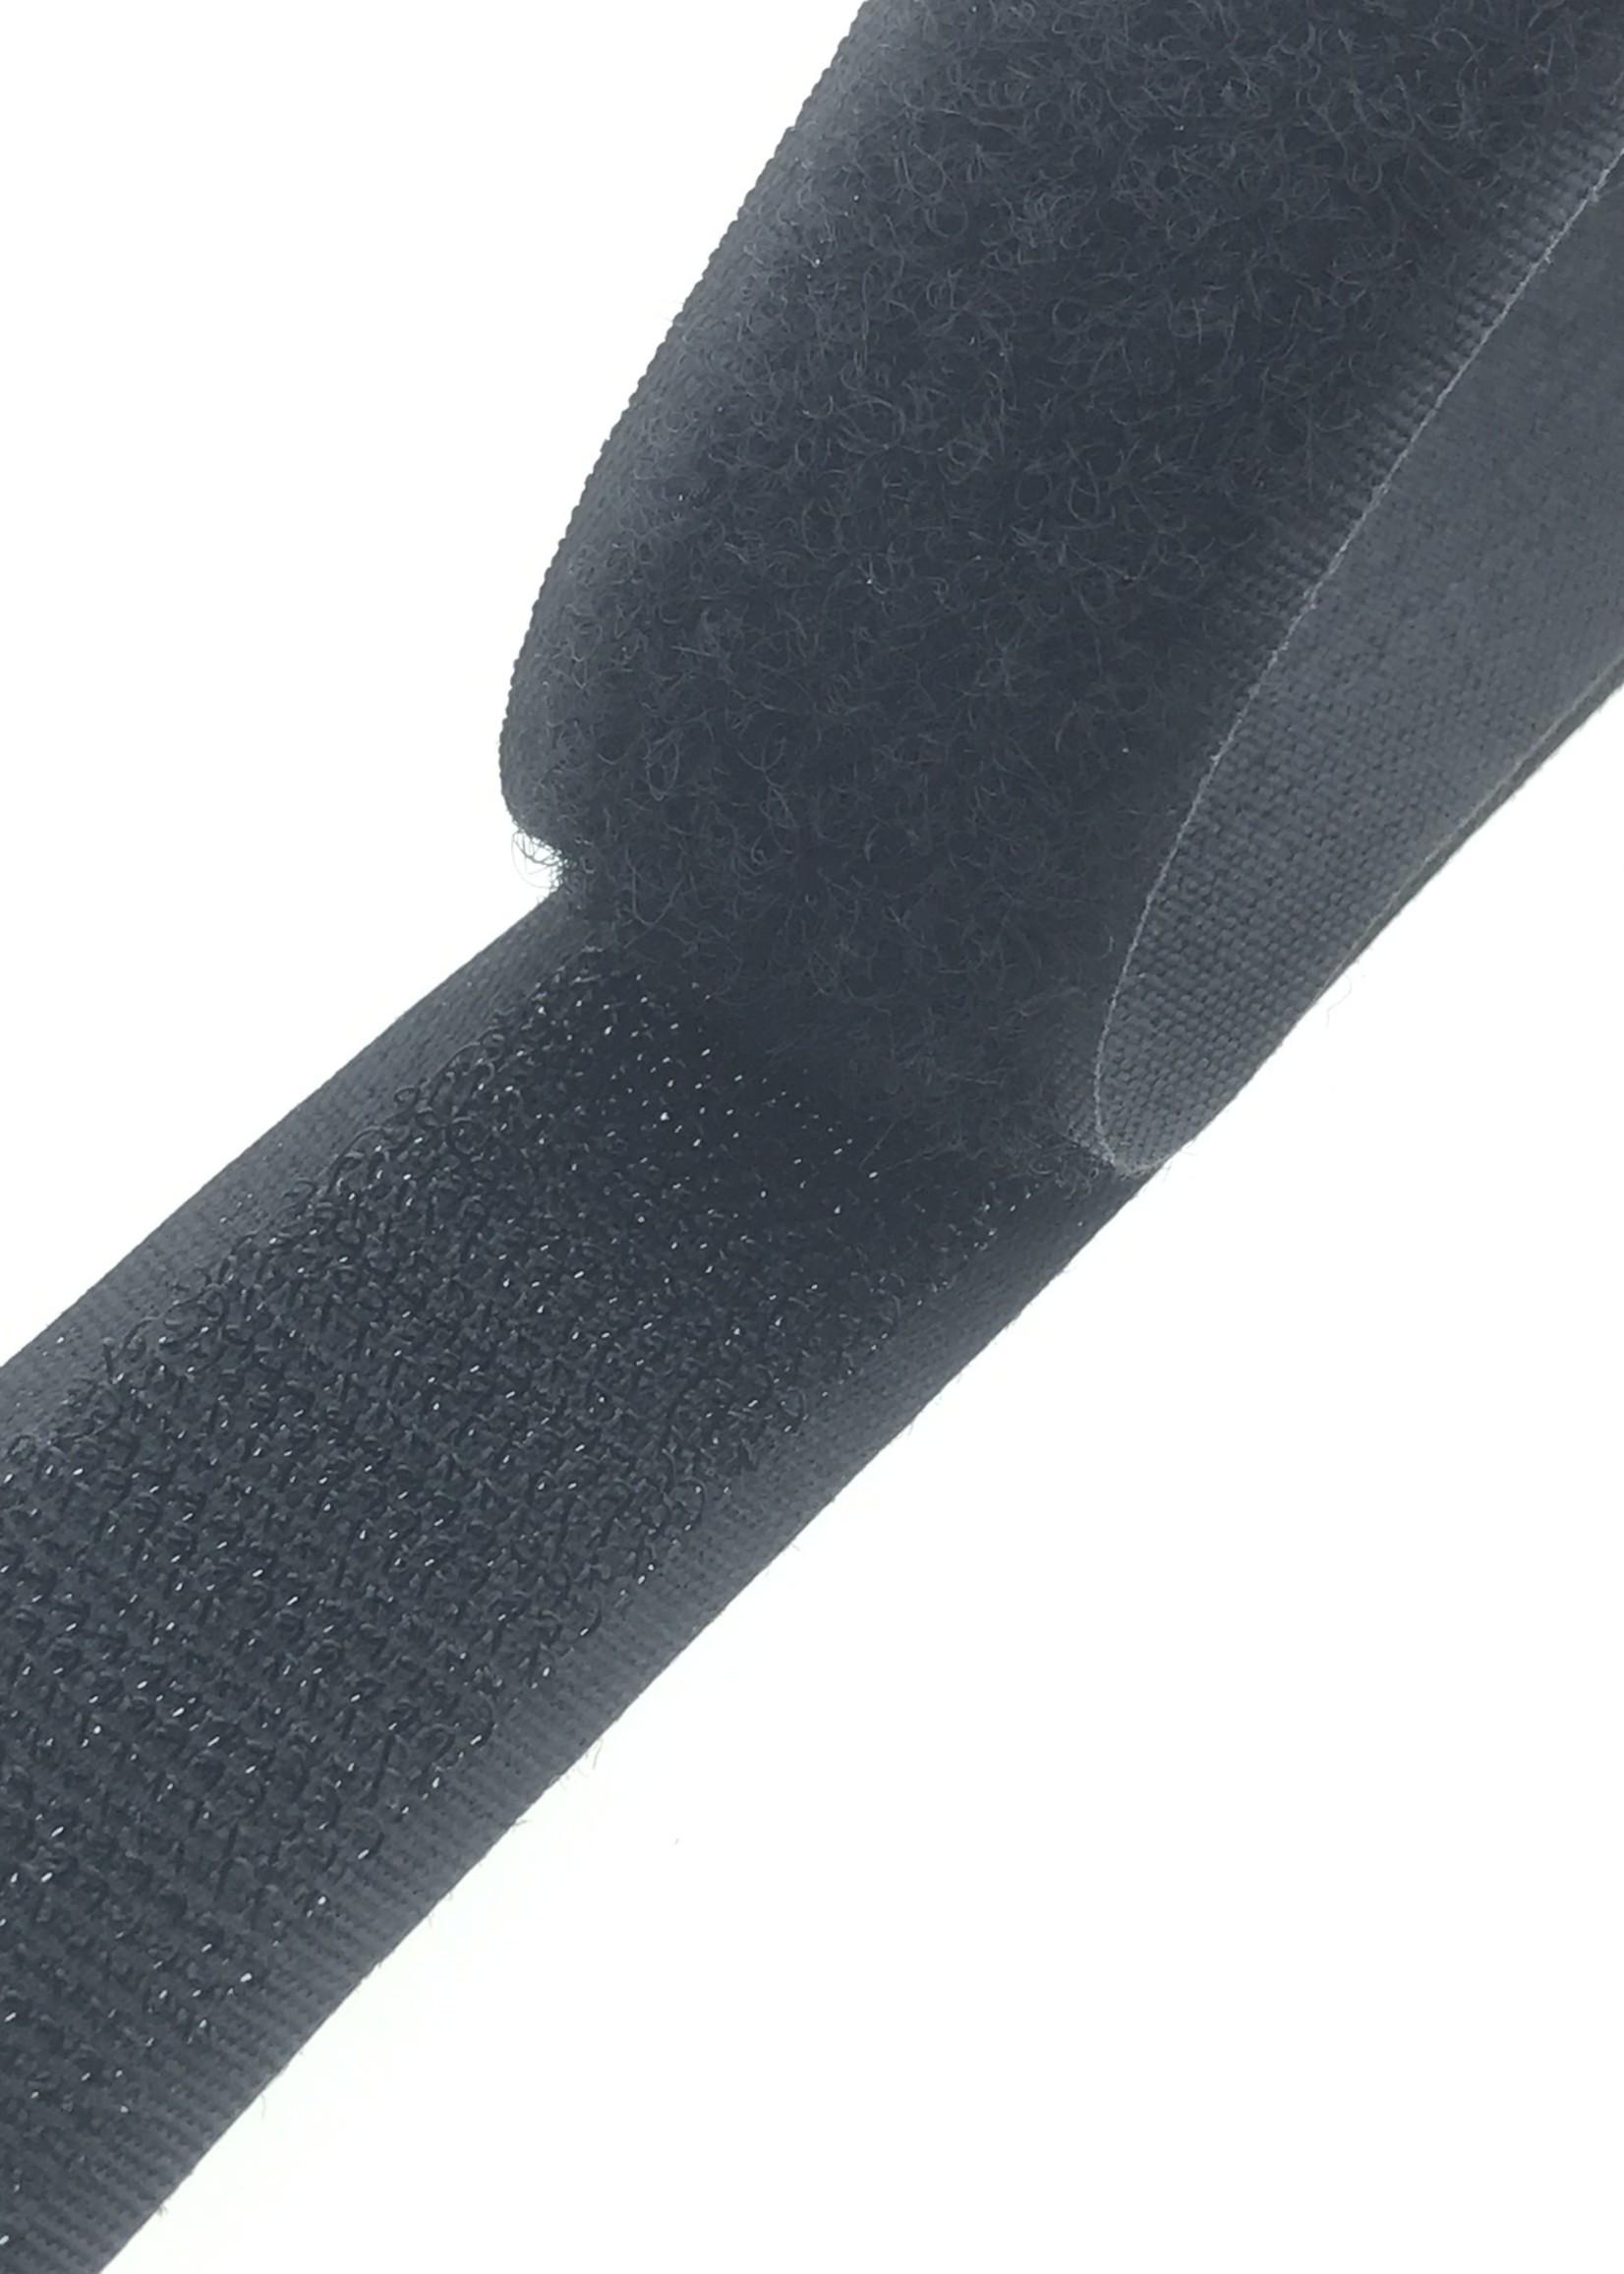 Klittenband naaibaar 2,5cm breed ZWART 25 meter